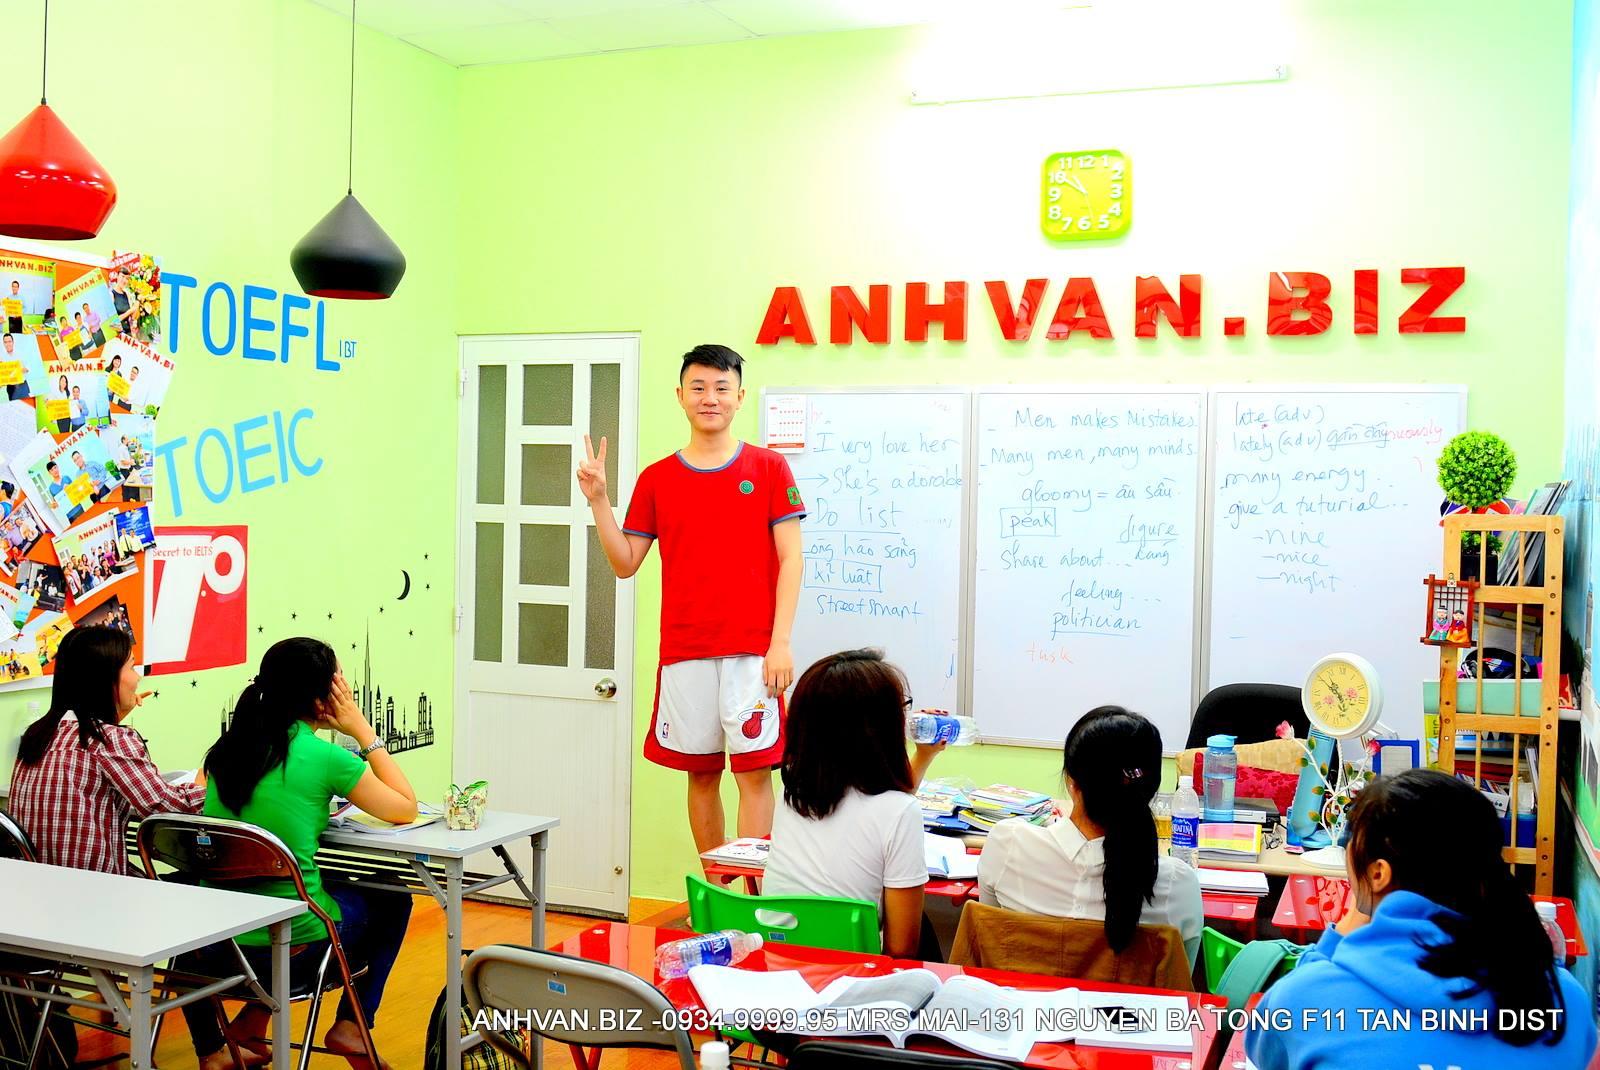 Học Viên IELTS tại Anhvan.biz được khích lệ dạn dĩ và chủ động học tập